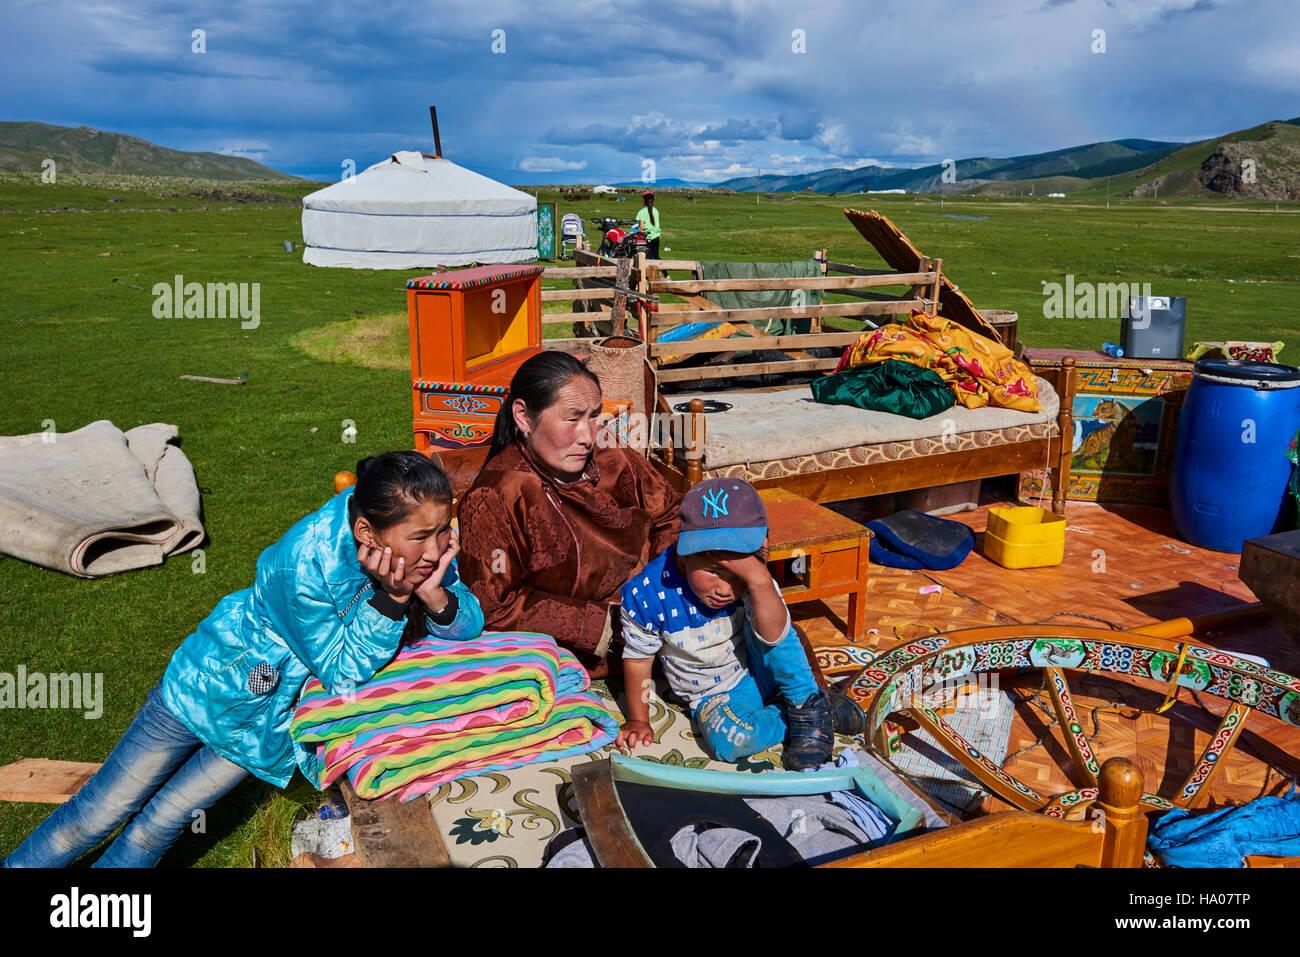 Mongolia, Ovorkhangai provincia, Okhon valley, campo nomadi in migrazione Immagini Stock